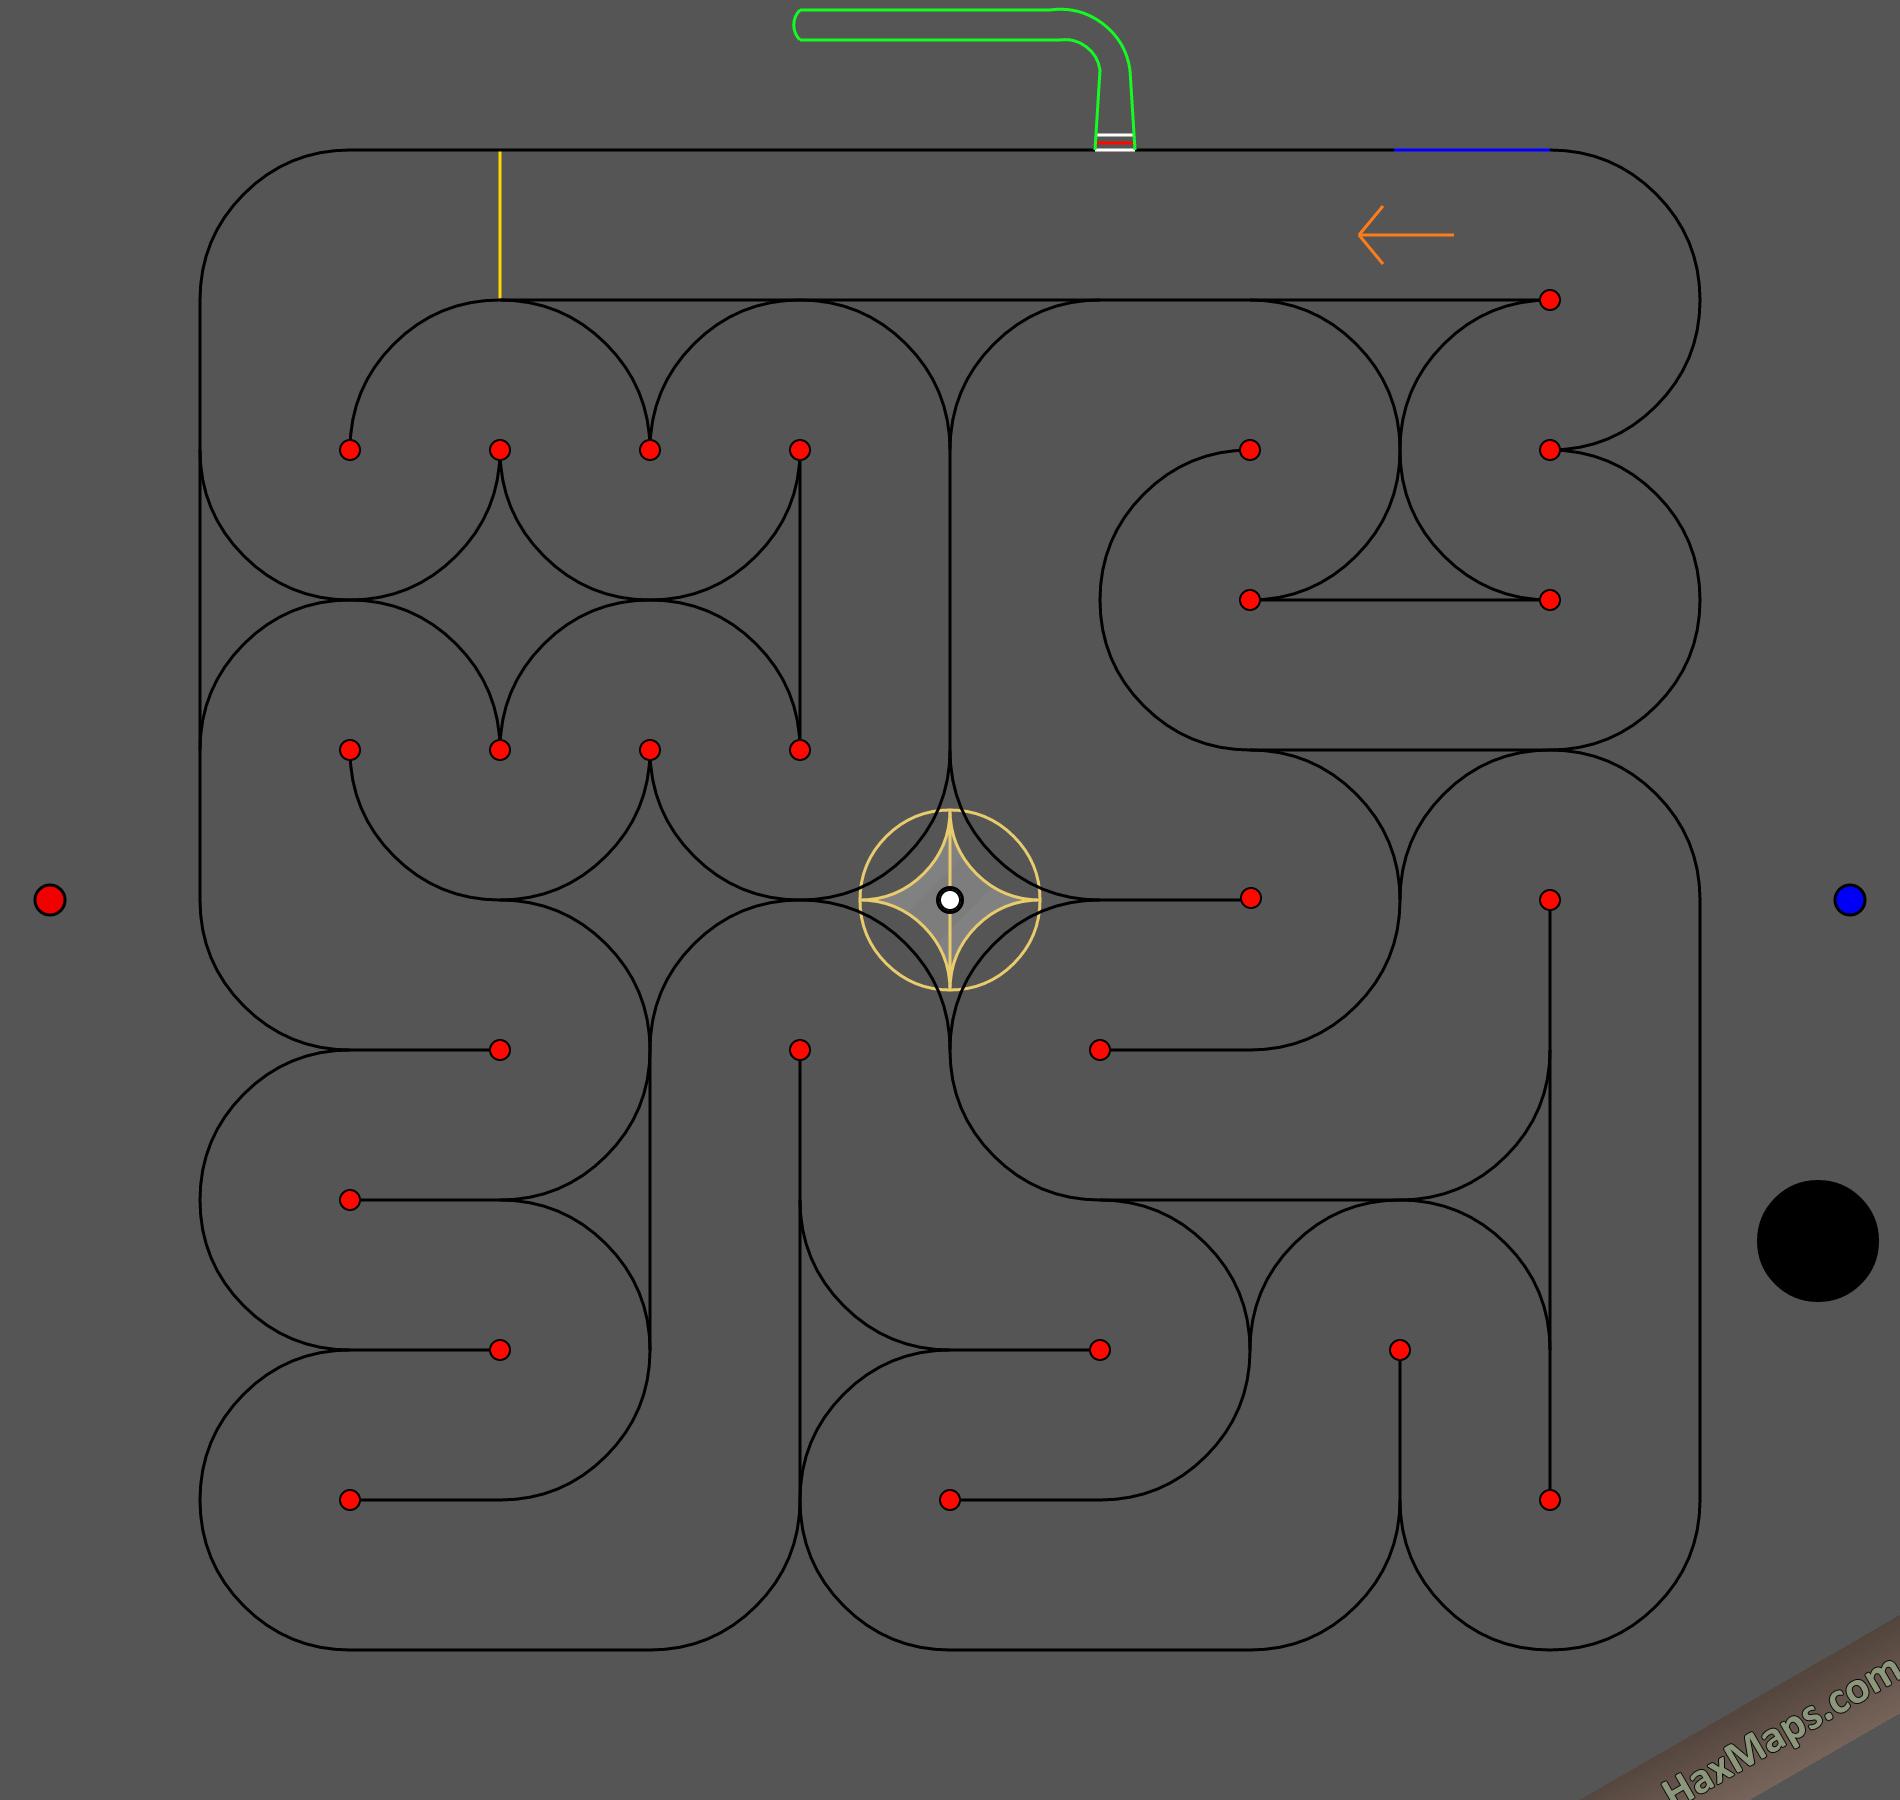 hax ball maps | SnakyBounceRace